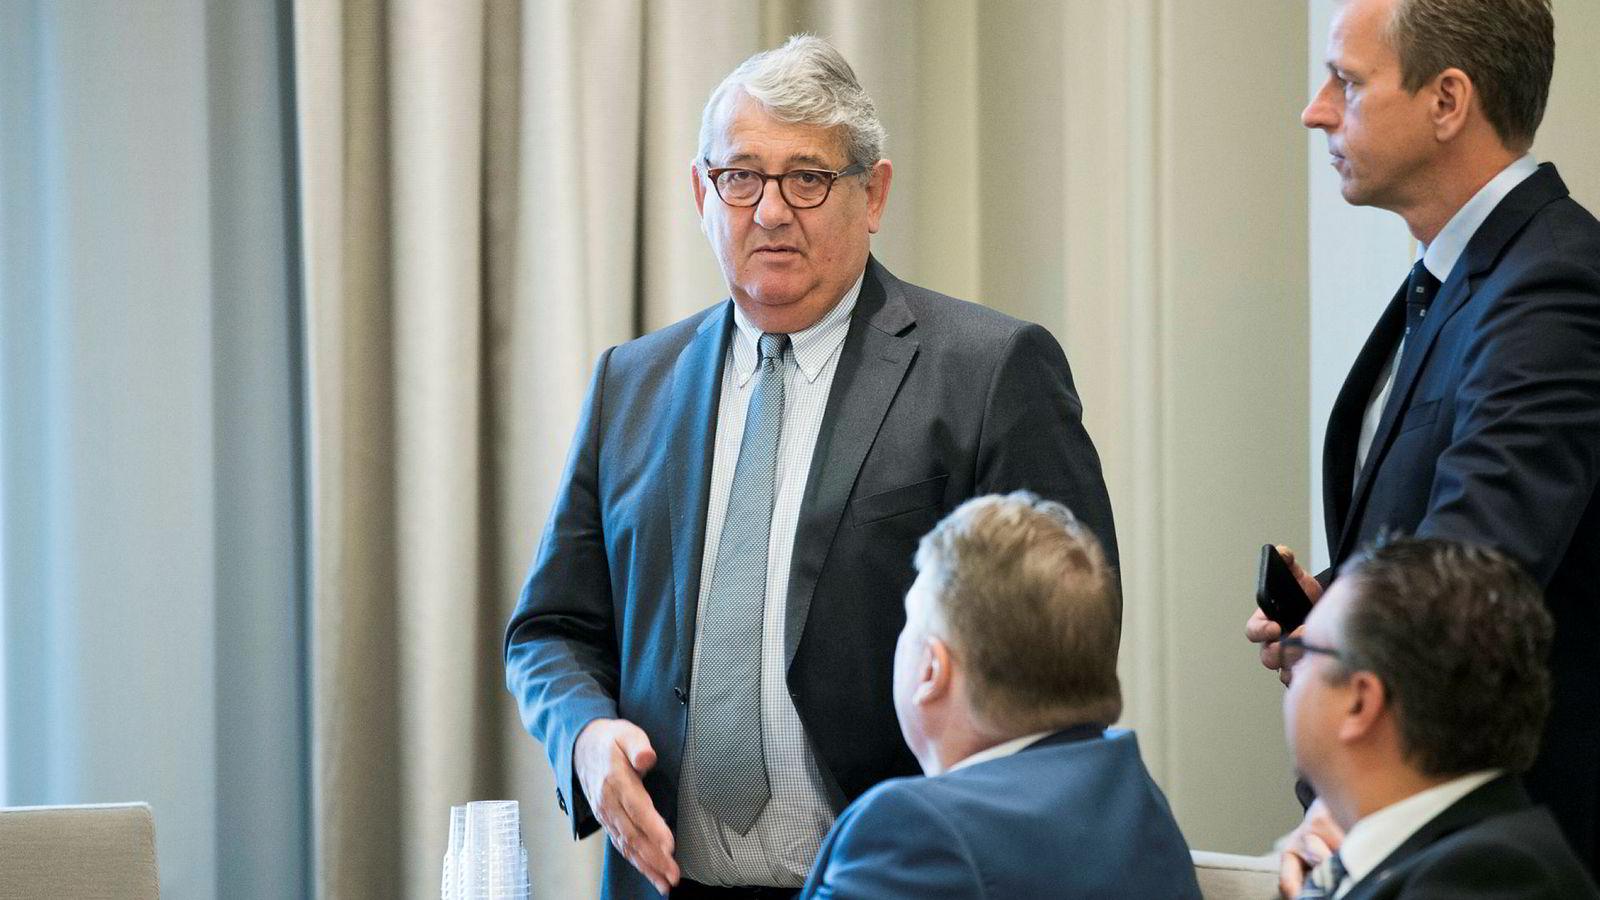 Riksrevisor Per-Kristian Foss og Riksrevisjonens kritikk mot regjeringen om objektsikring har fått mye oppmerksomhet i det siste. I august var han til stede under Stortingets åpne høring om saken.